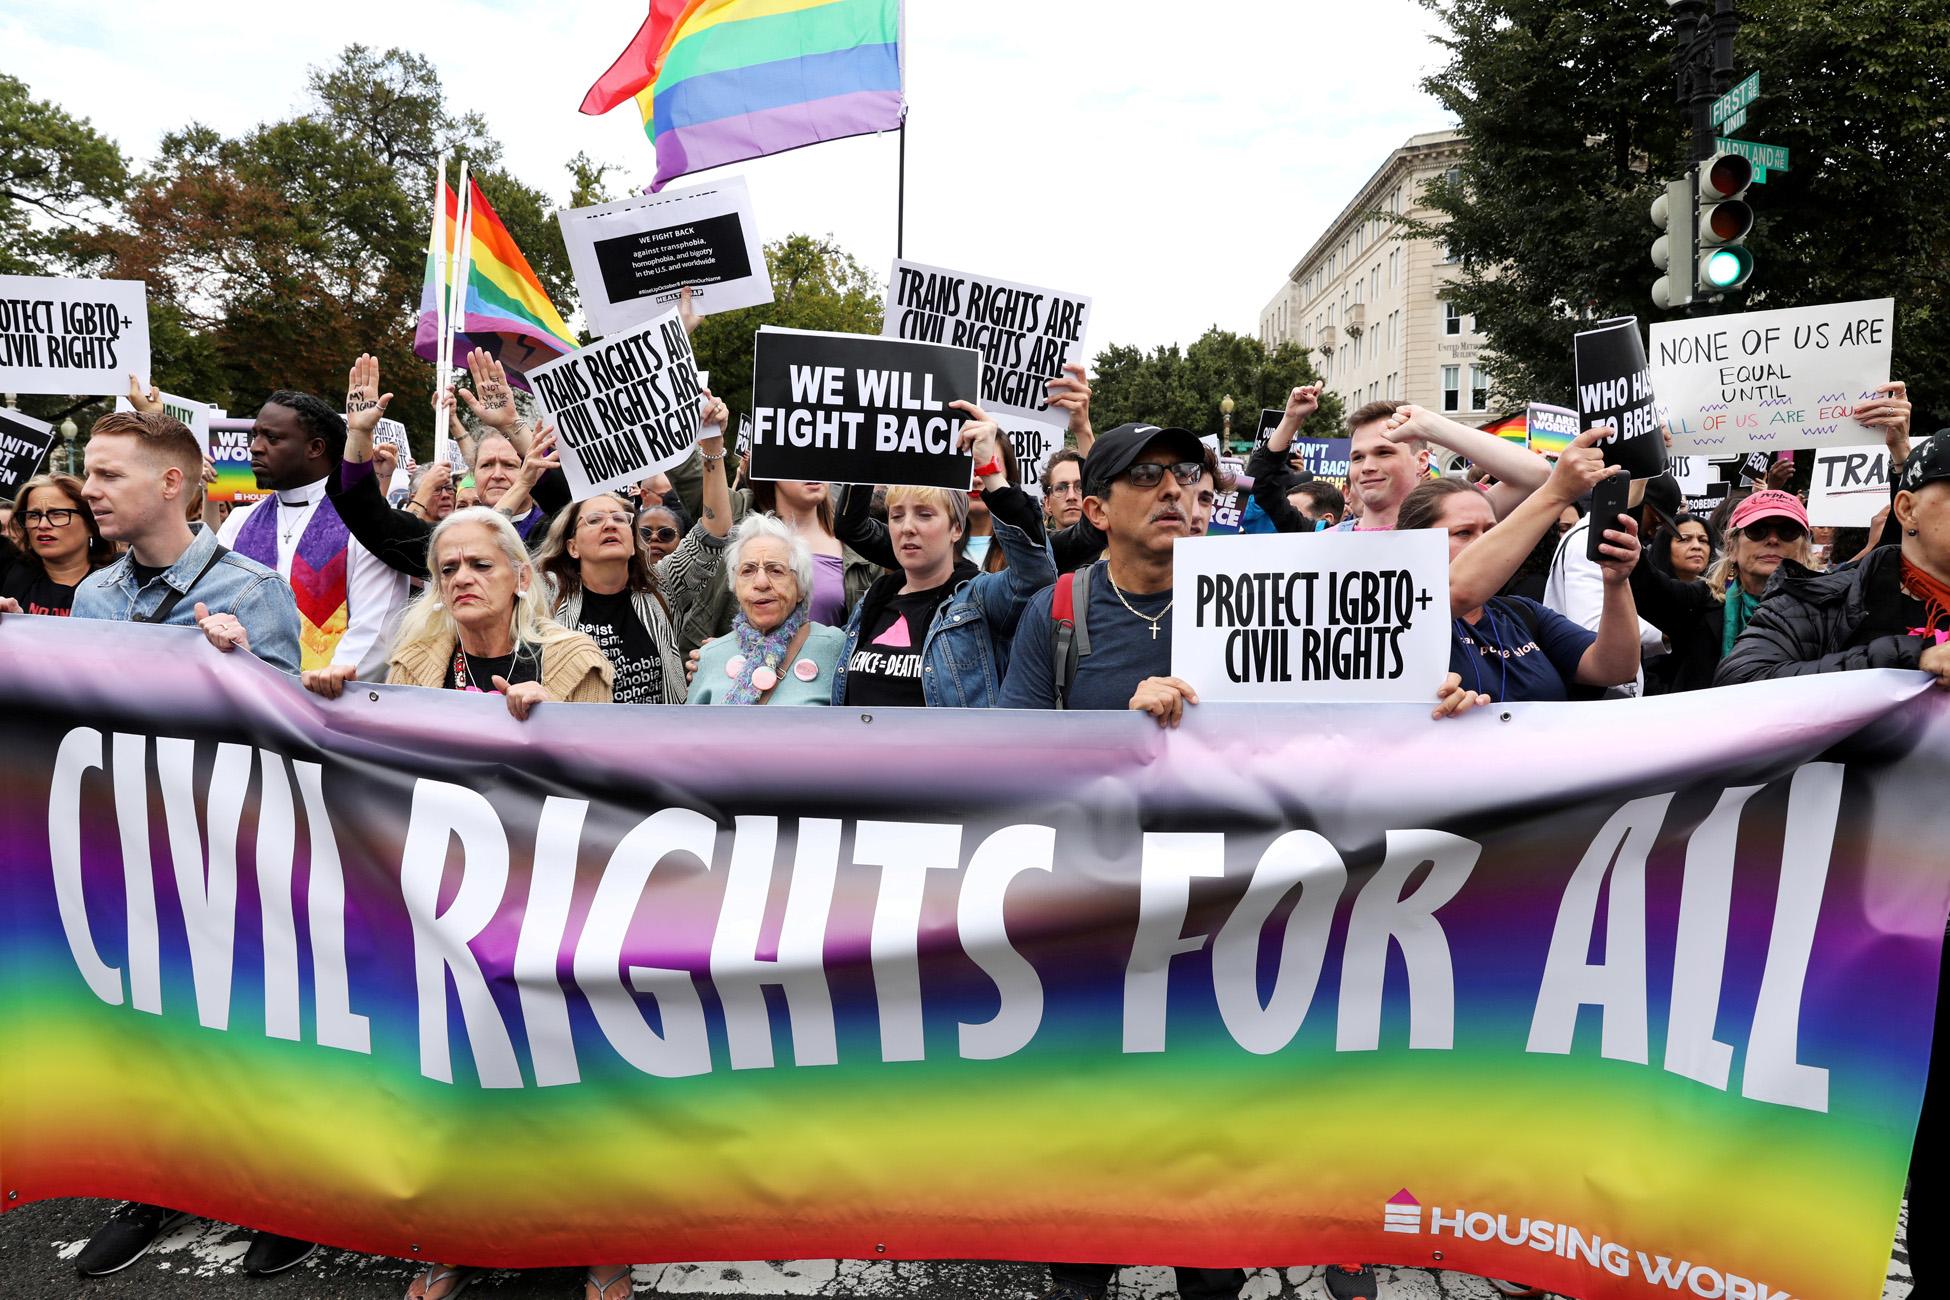 ΗΠΑ: Για πρώτη φορά οι ρεπουμπλικάνοι τάσσονται υπέρ του γάμου ατόμων του ίδιου φύλου